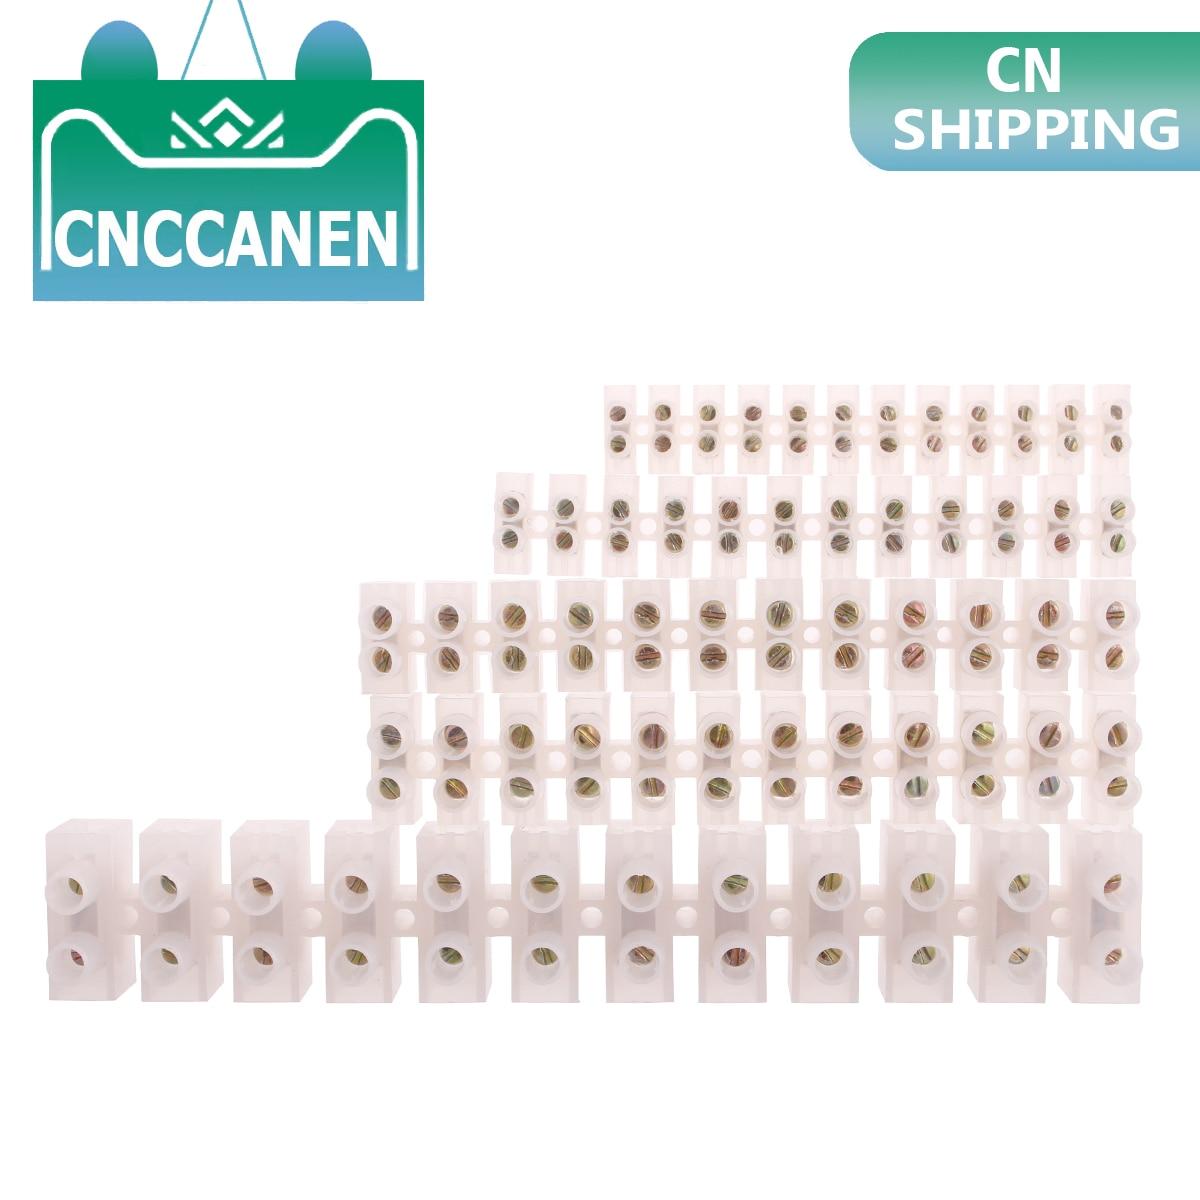 Ev Dekorasyonu'ten Terminal Blokları'de 12 pozisyon bariyer Terminal şerit bloğu X3 0312 X3 0612 X3 1012 X3 1512 X3 2012 X3 3012 X3 6012 X3 8012 X3 10012 X3 15012 title=